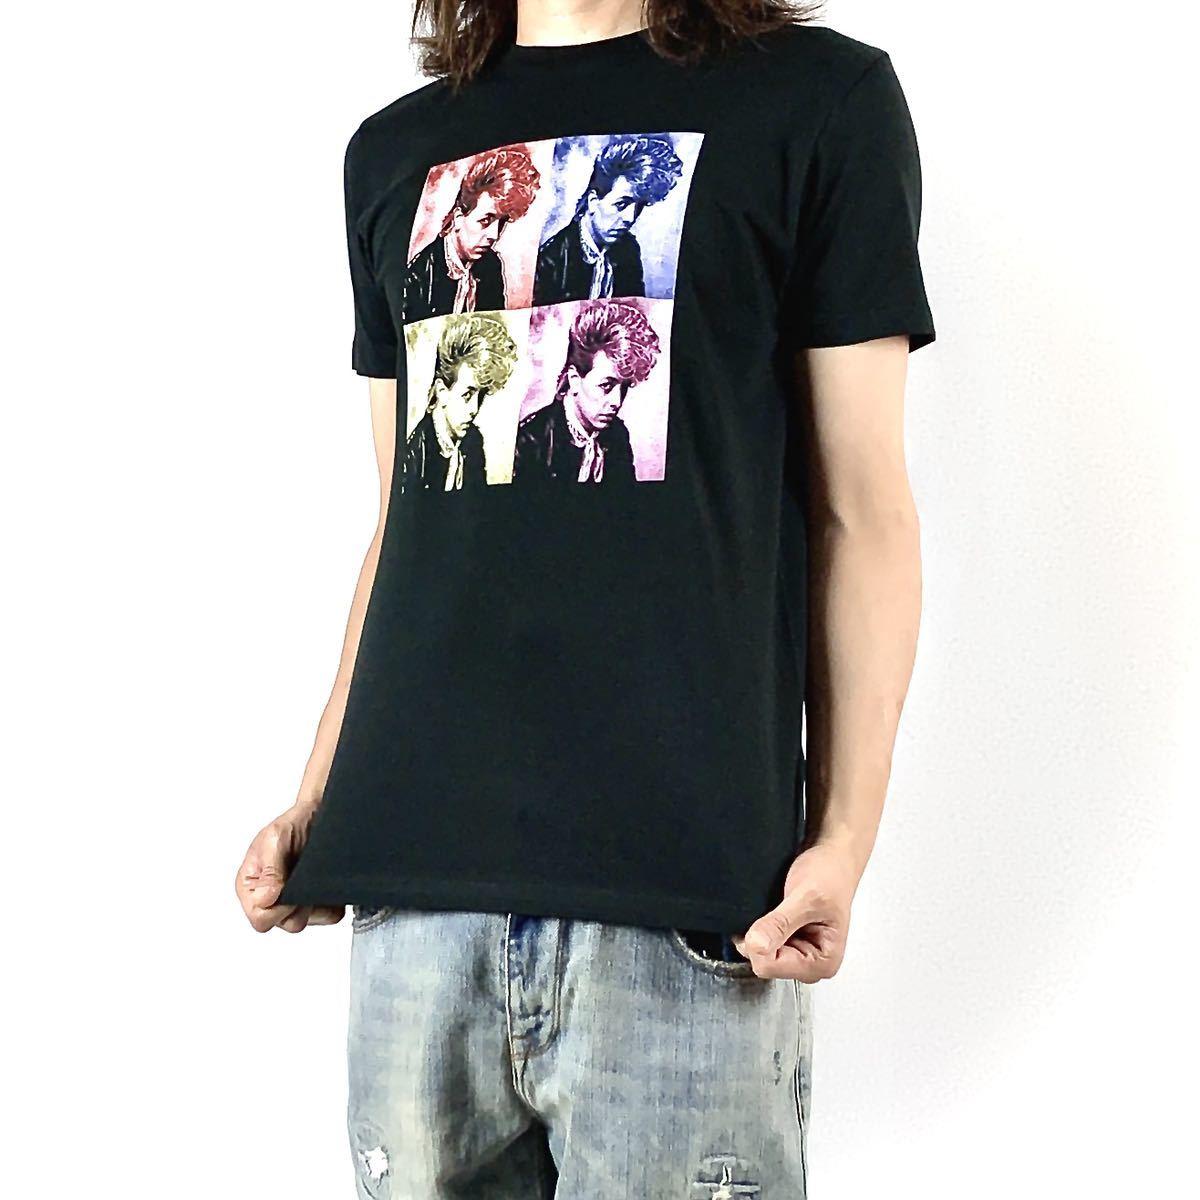 新品 ブライアンセッツァー カラフル ポップ アート ロカビリー バンド 黒 Tシャツ S M L XL ビッグ オーバー サイズ XXL~5XL ロンT 対応_画像1